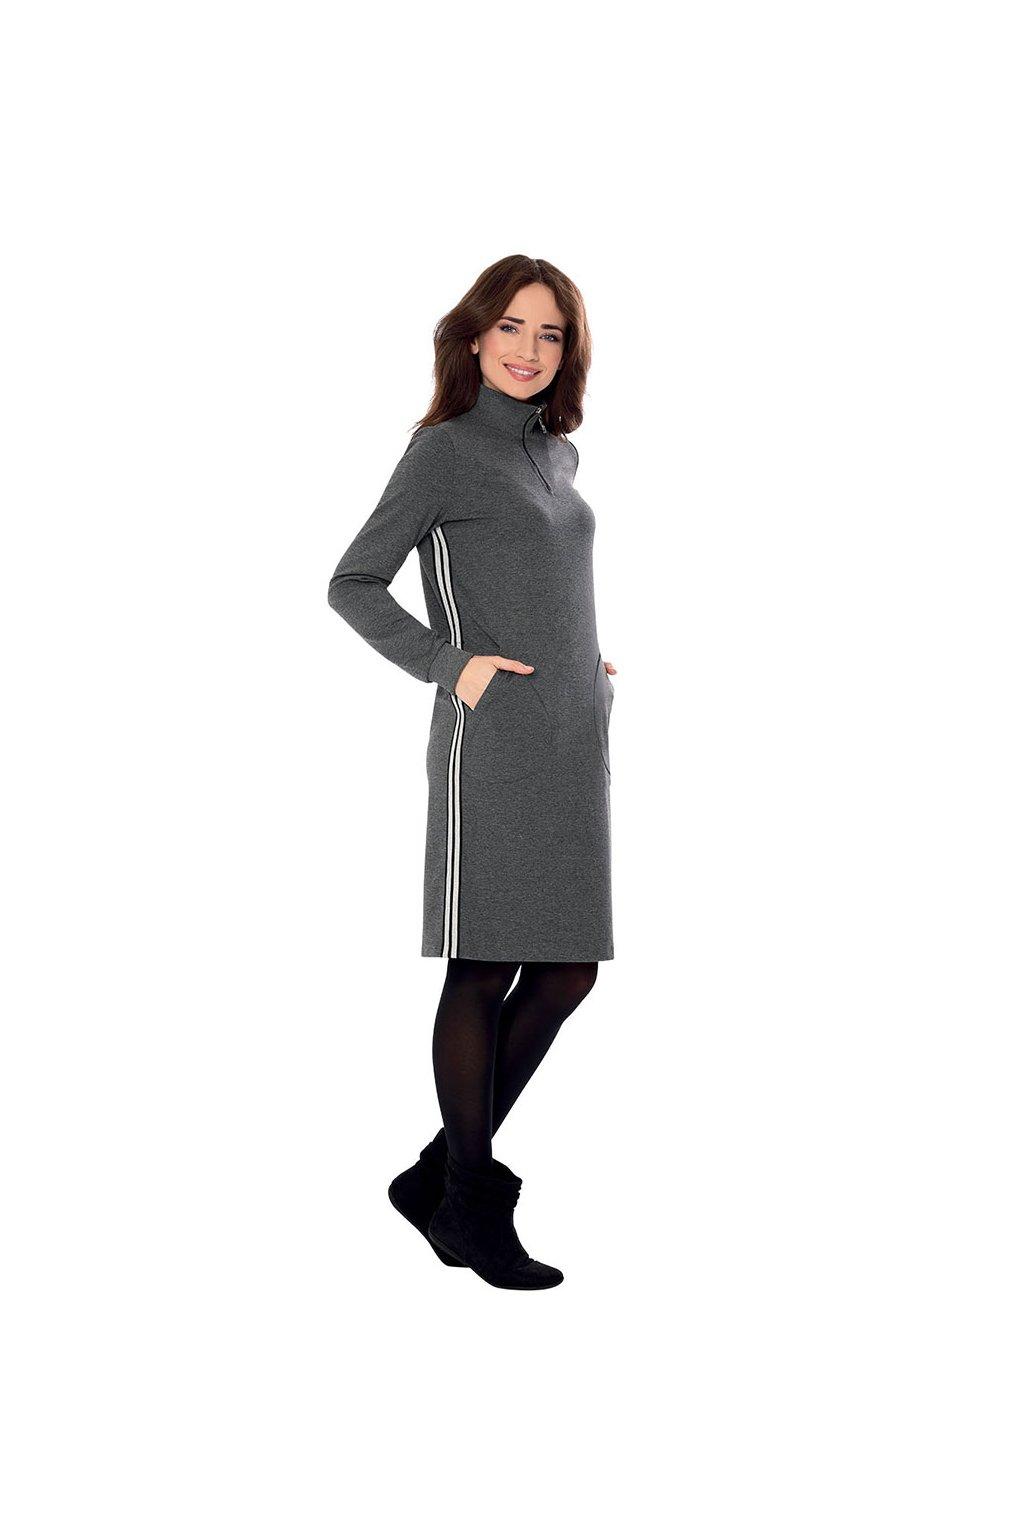 Dámské šaty s dlouhým rukávem, 105112 32, šedá